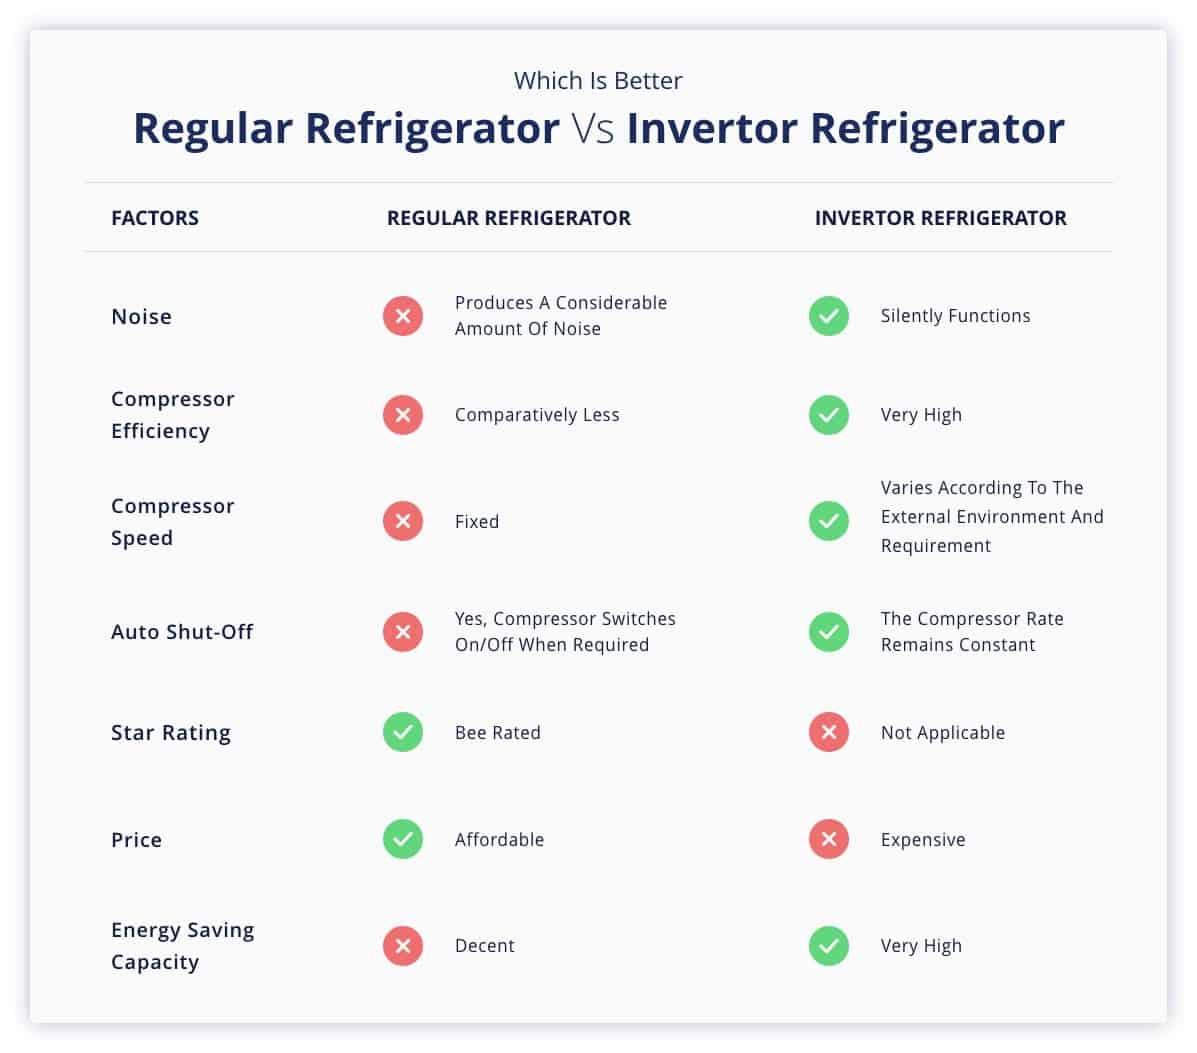 Inverter Refrigerators Vs Regular Refrigerators